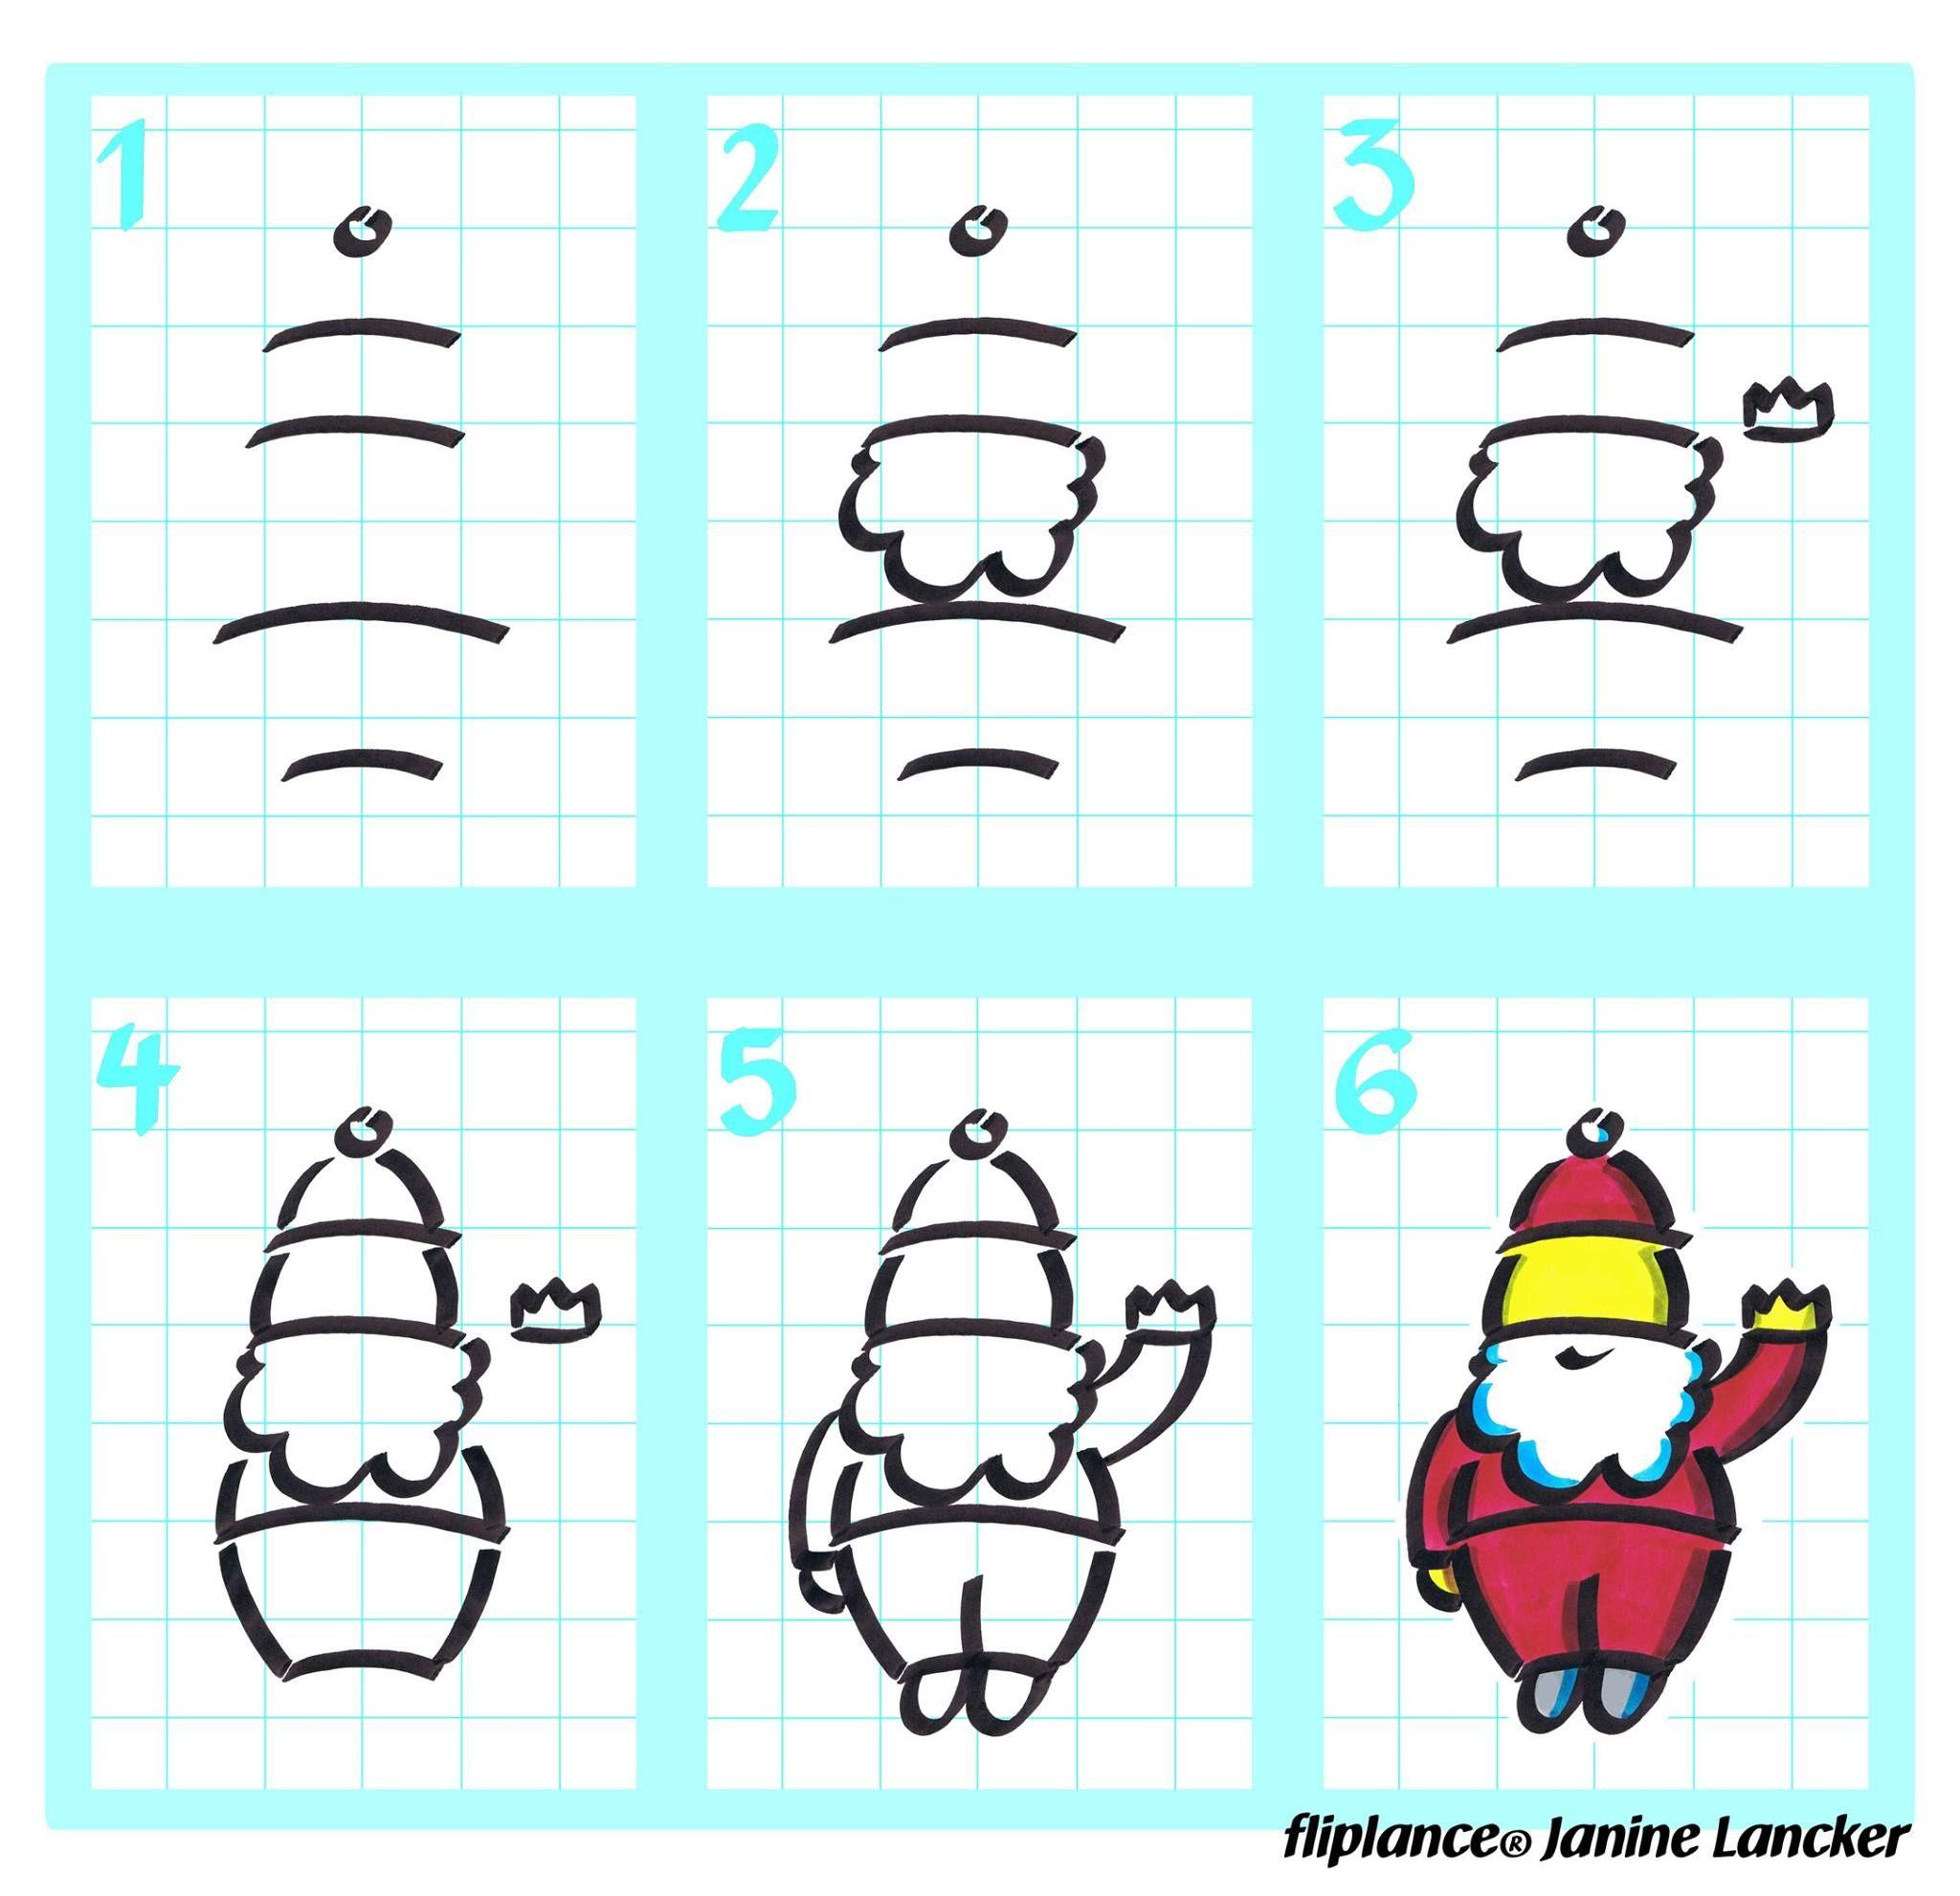 Weihnachtsmann Zeichnen: So Zeichnest Du In Sechs Schritten für Weihnachtsmann Malen